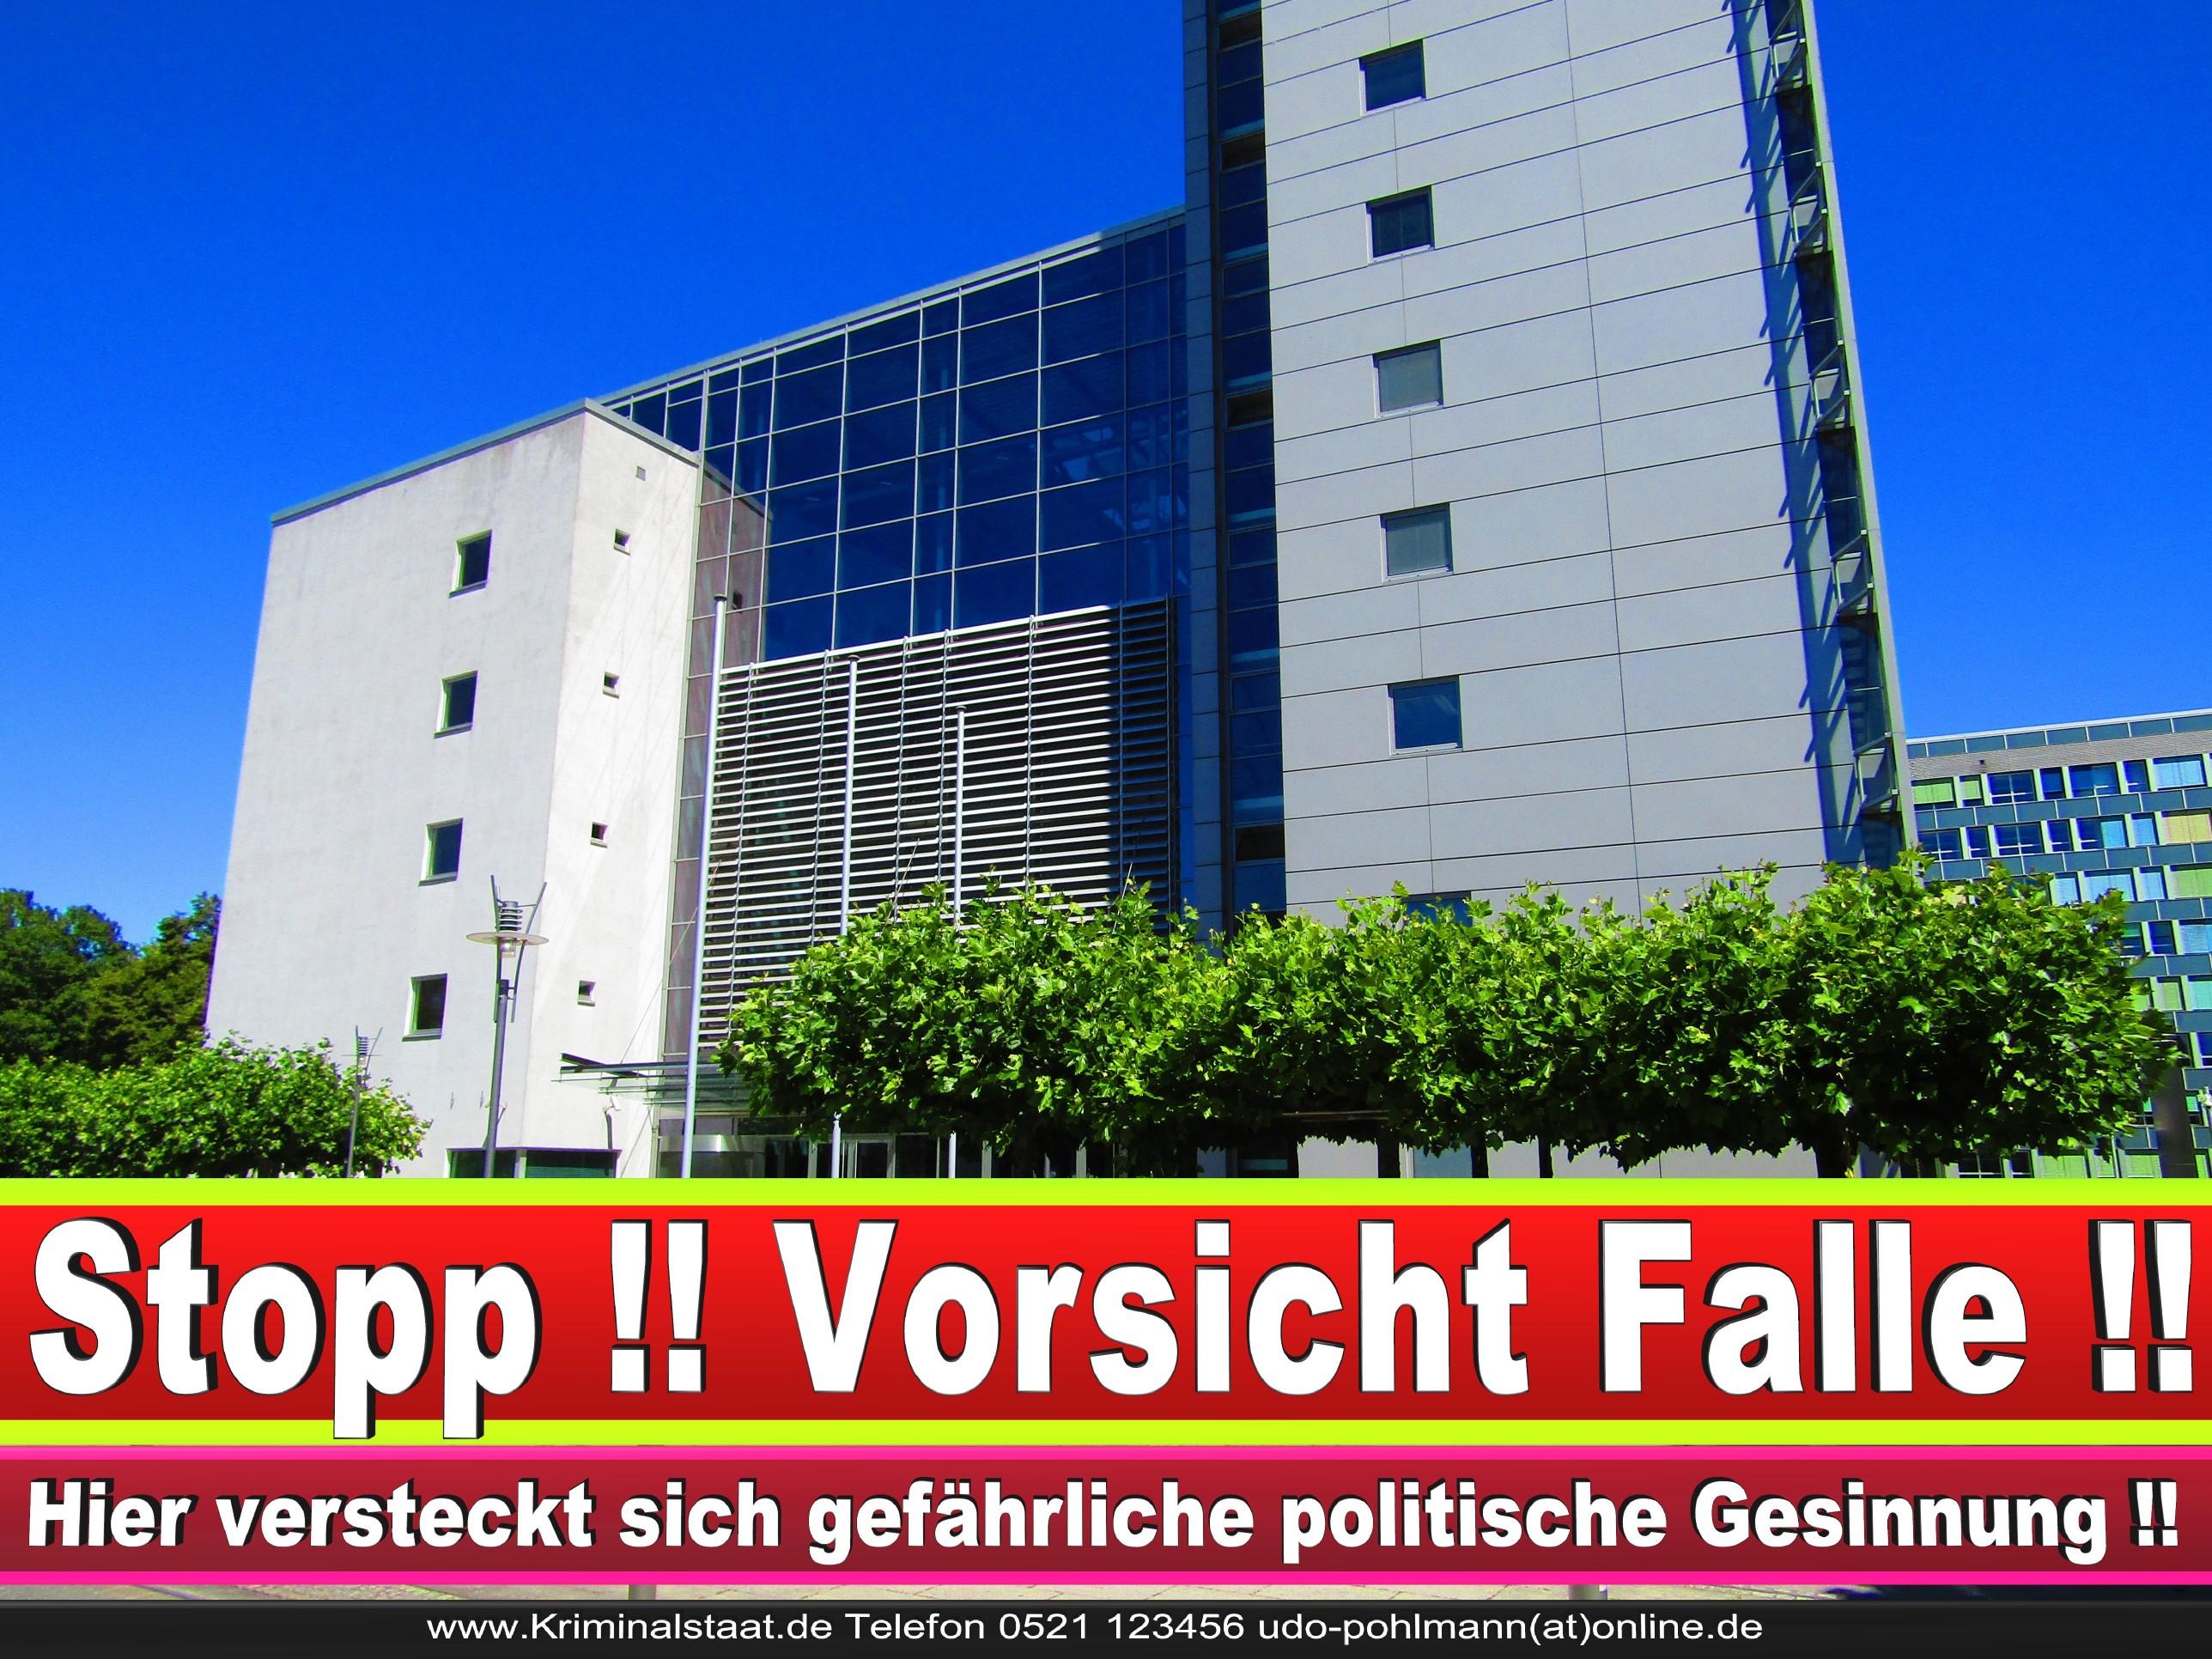 OLG Hamm Oberlandesgericht Hamm Landgericht Polizei Staatsanwaltschaft Generalstaatsanwaltschaft StA GeStA Praktikum Korruption Rechtsbeugung Richter Justiz Justizministerium (37)